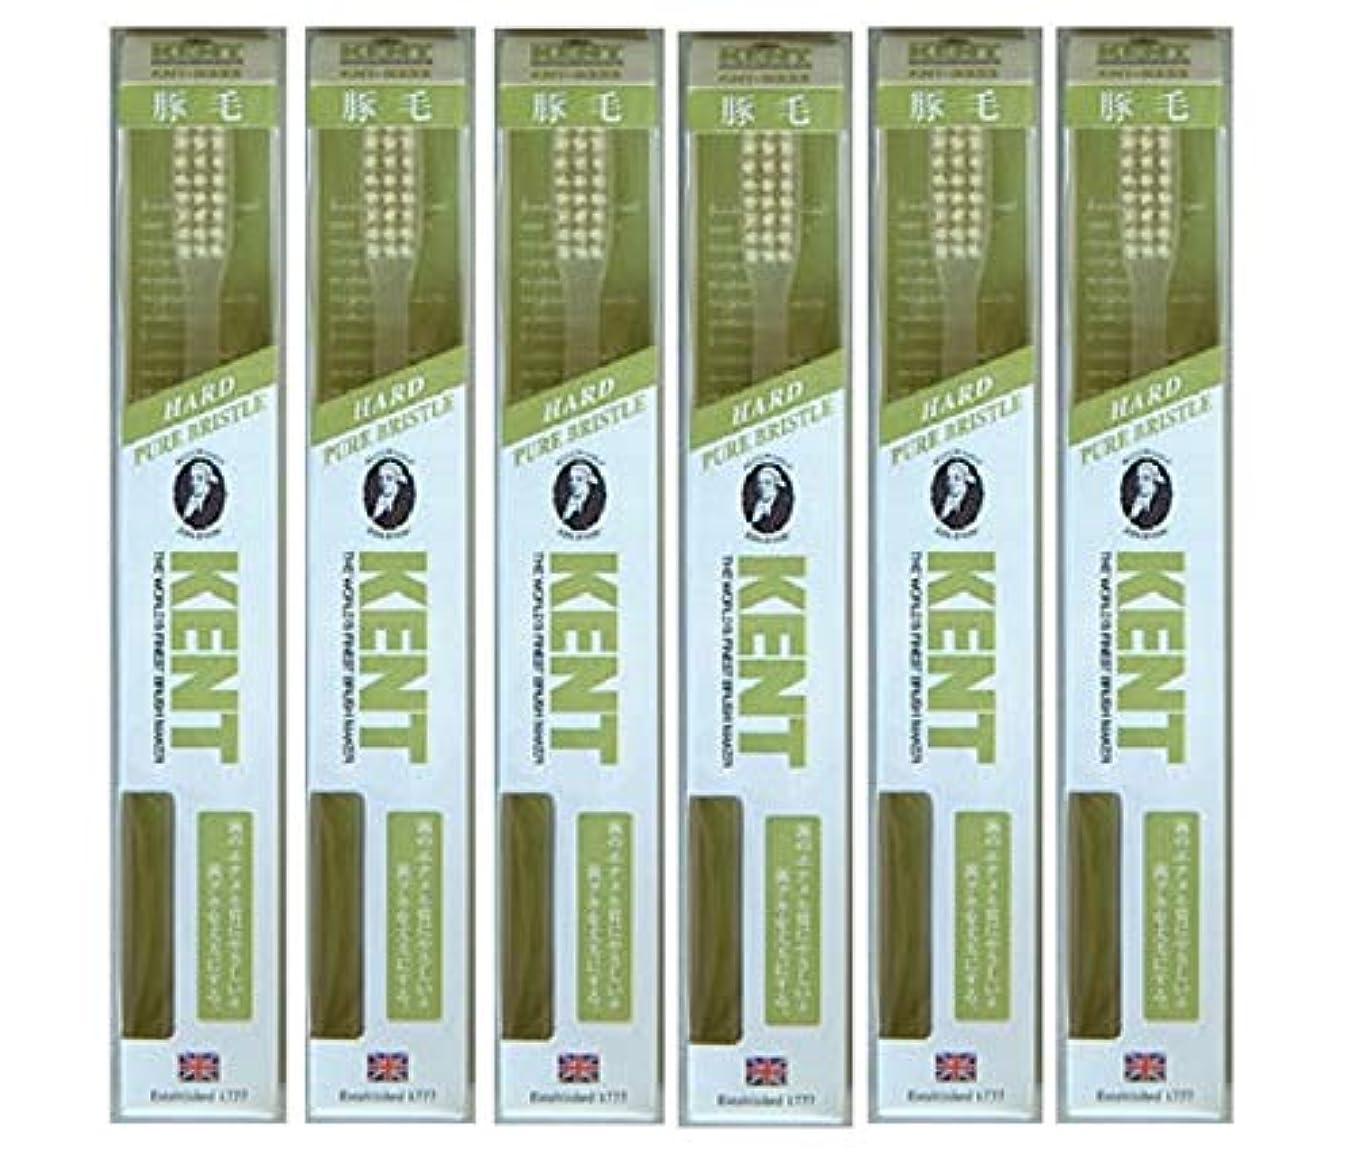 アクセサリー数引き算【6本セット】KENT 豚毛歯ブラシ KNT-9333 ラージヘッド かため